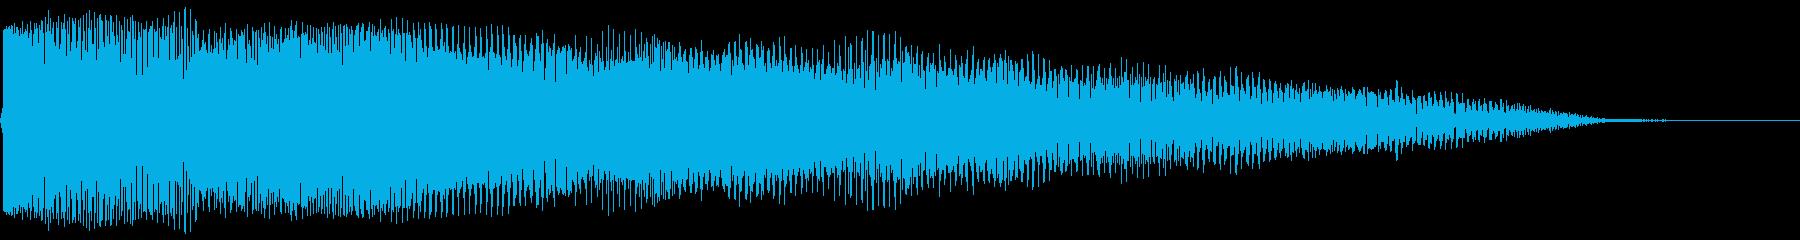 【インパクト】ダンッ!!_SF映画_02の再生済みの波形